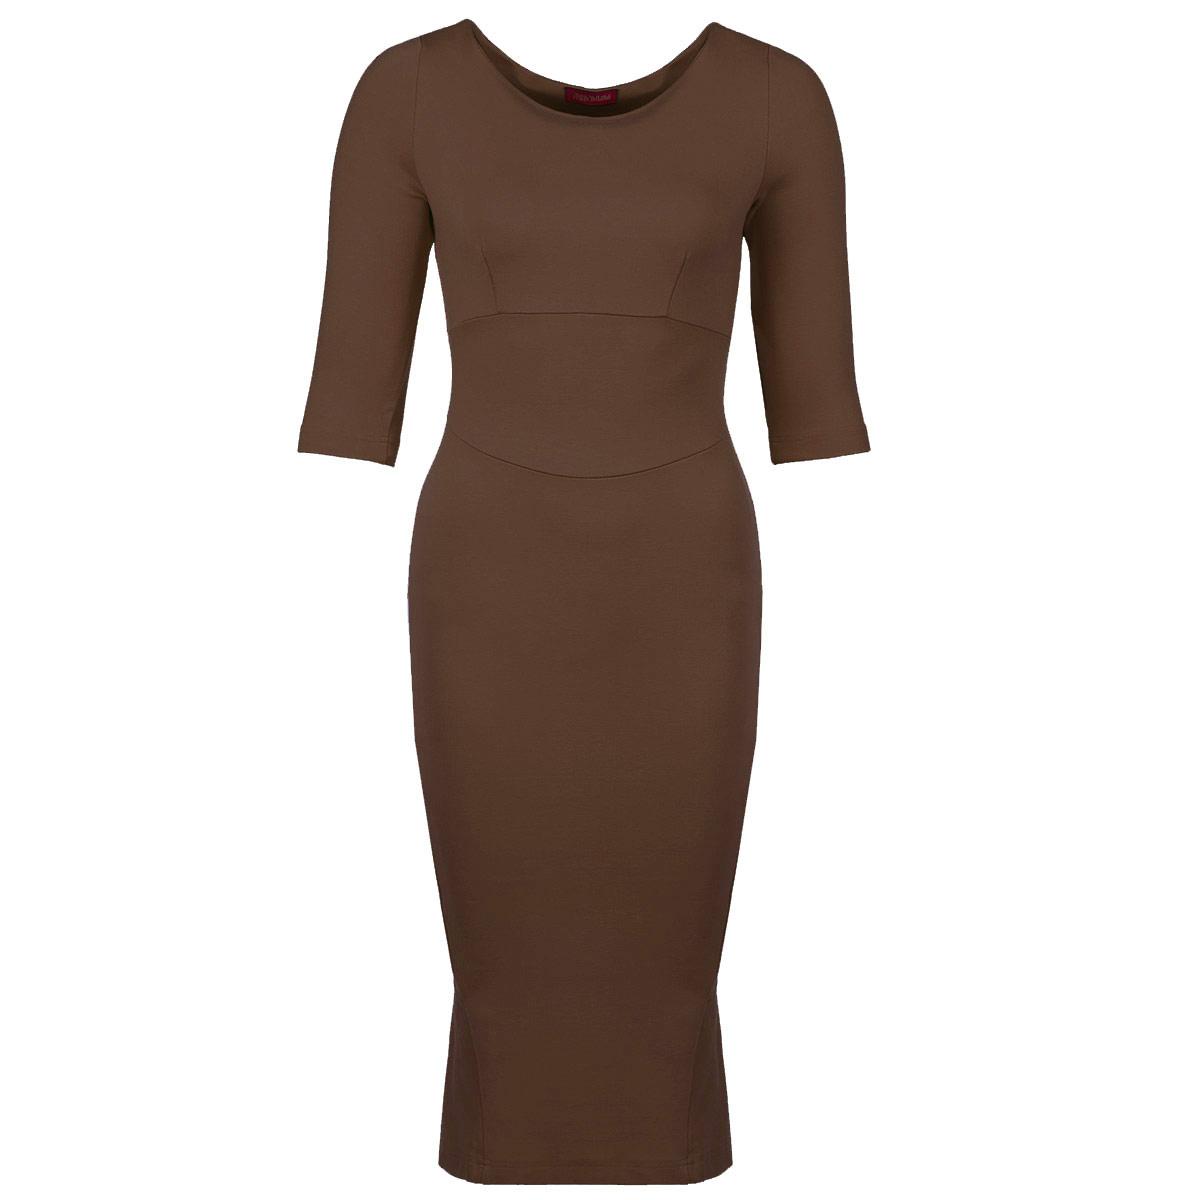 ПлатьеP08D-CСтильное платье от Анны Чапман выполнено из плотного трикотажного материала. Модель приталенного силуэта с круглым вырезом горловины, отрезной талией с широким поясом и рукавами до локтя. Юбка-карандаш облегающего кроя сзади дополнена декоративным воланом. Модное платье лаконичного дизайна органично впишется в повседневный гардероб.